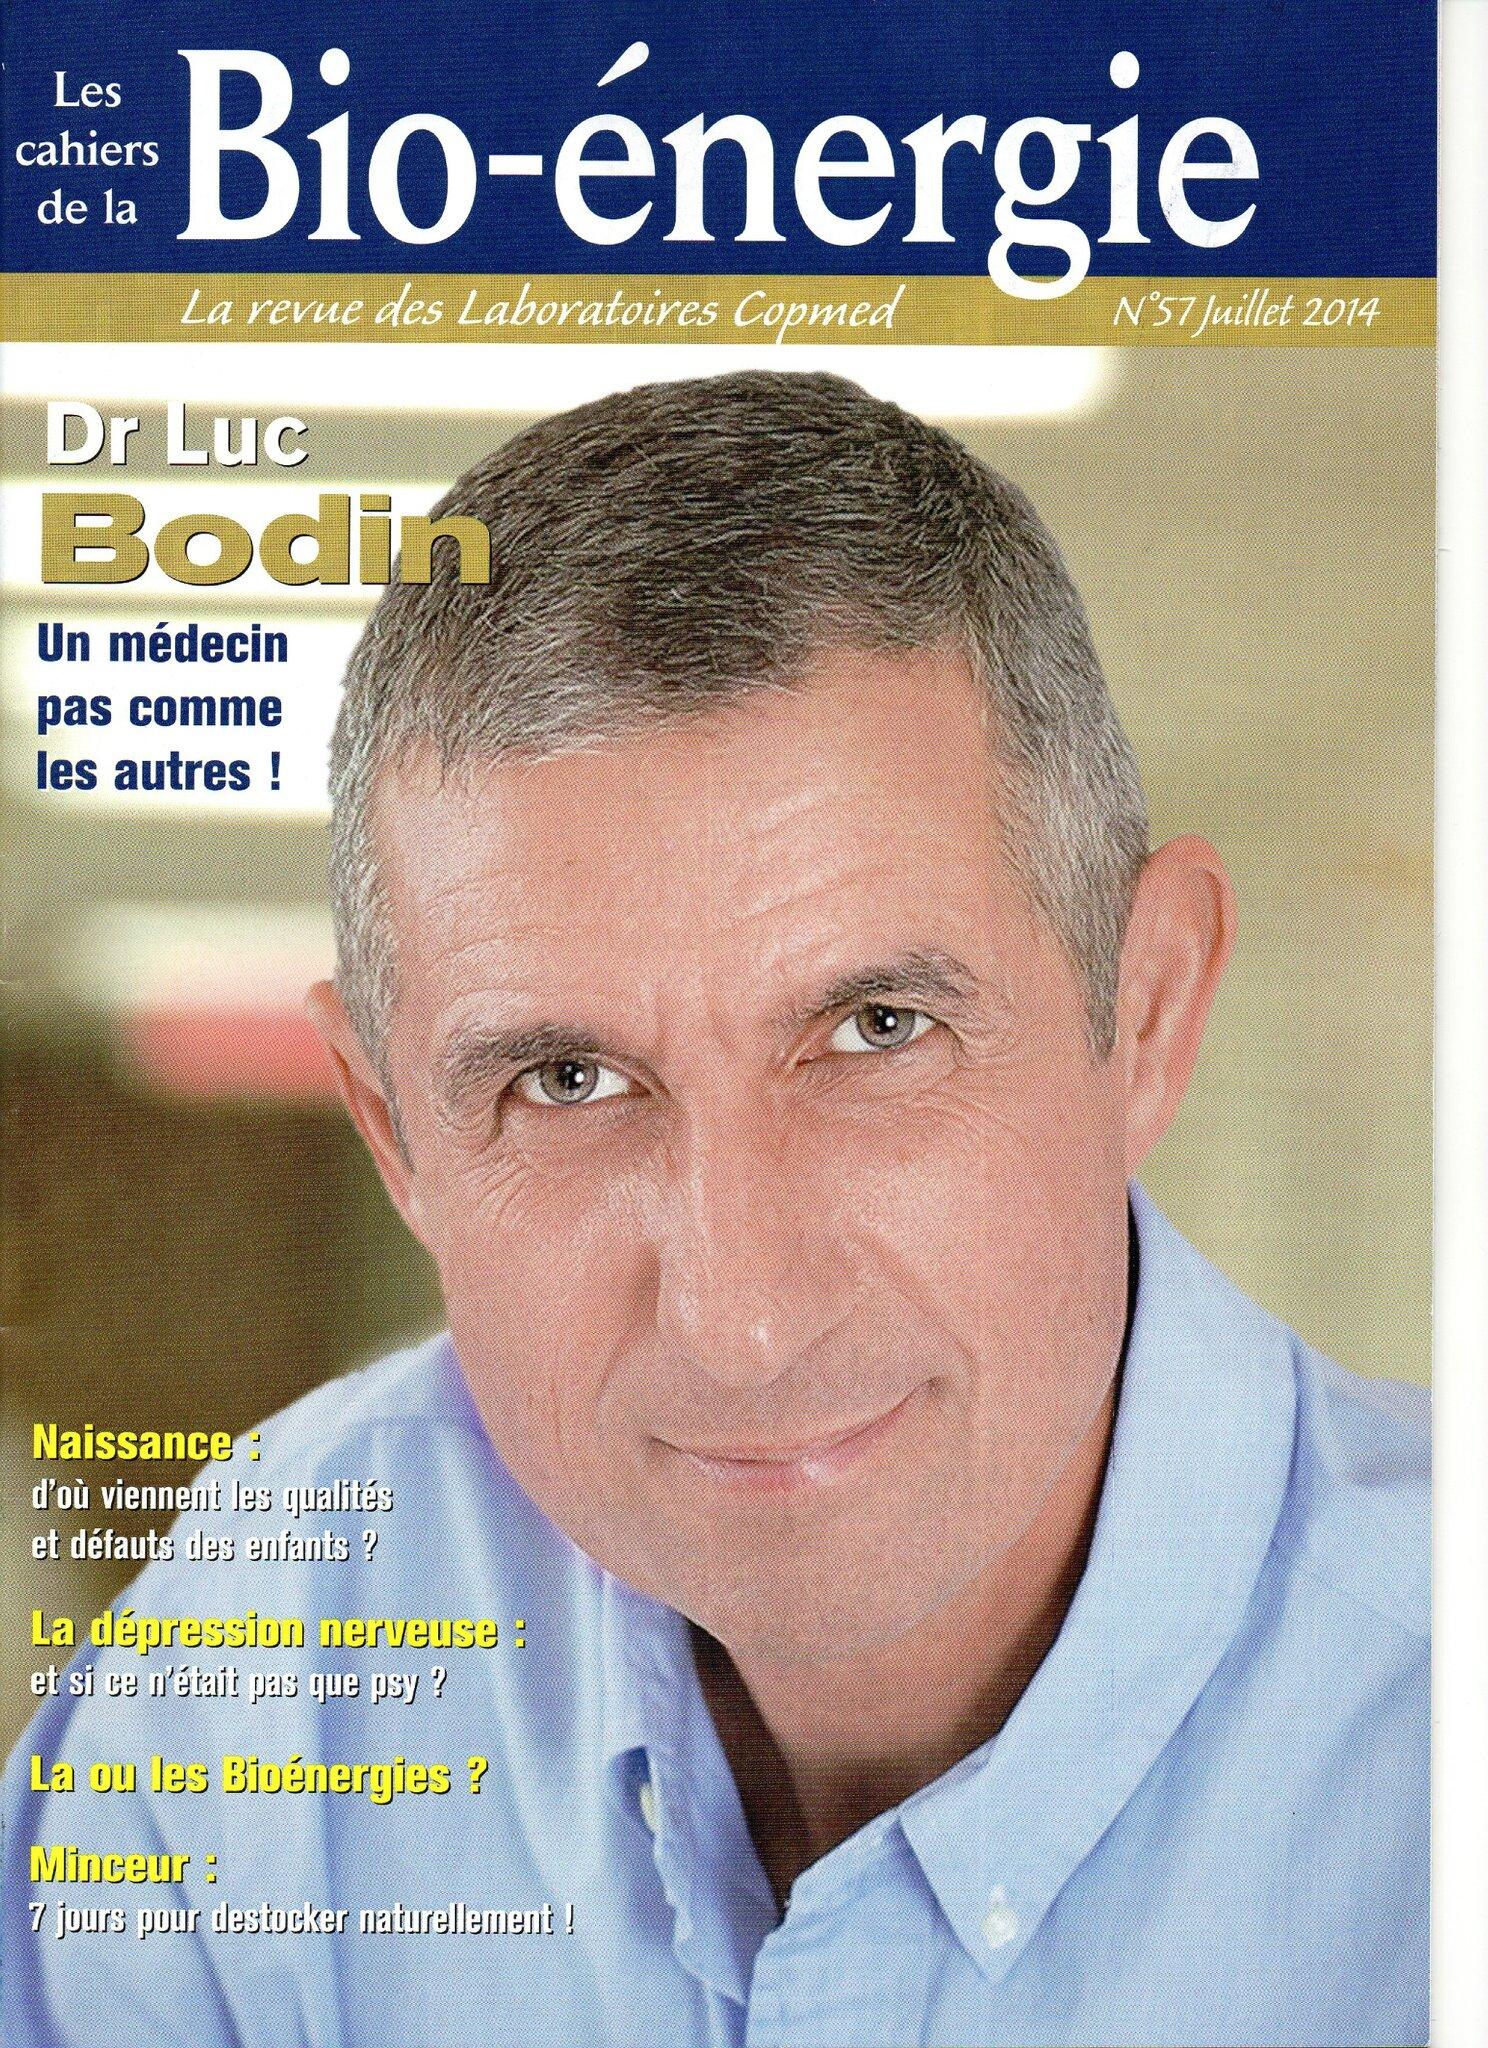 Cahier de la Bio énergie n°57